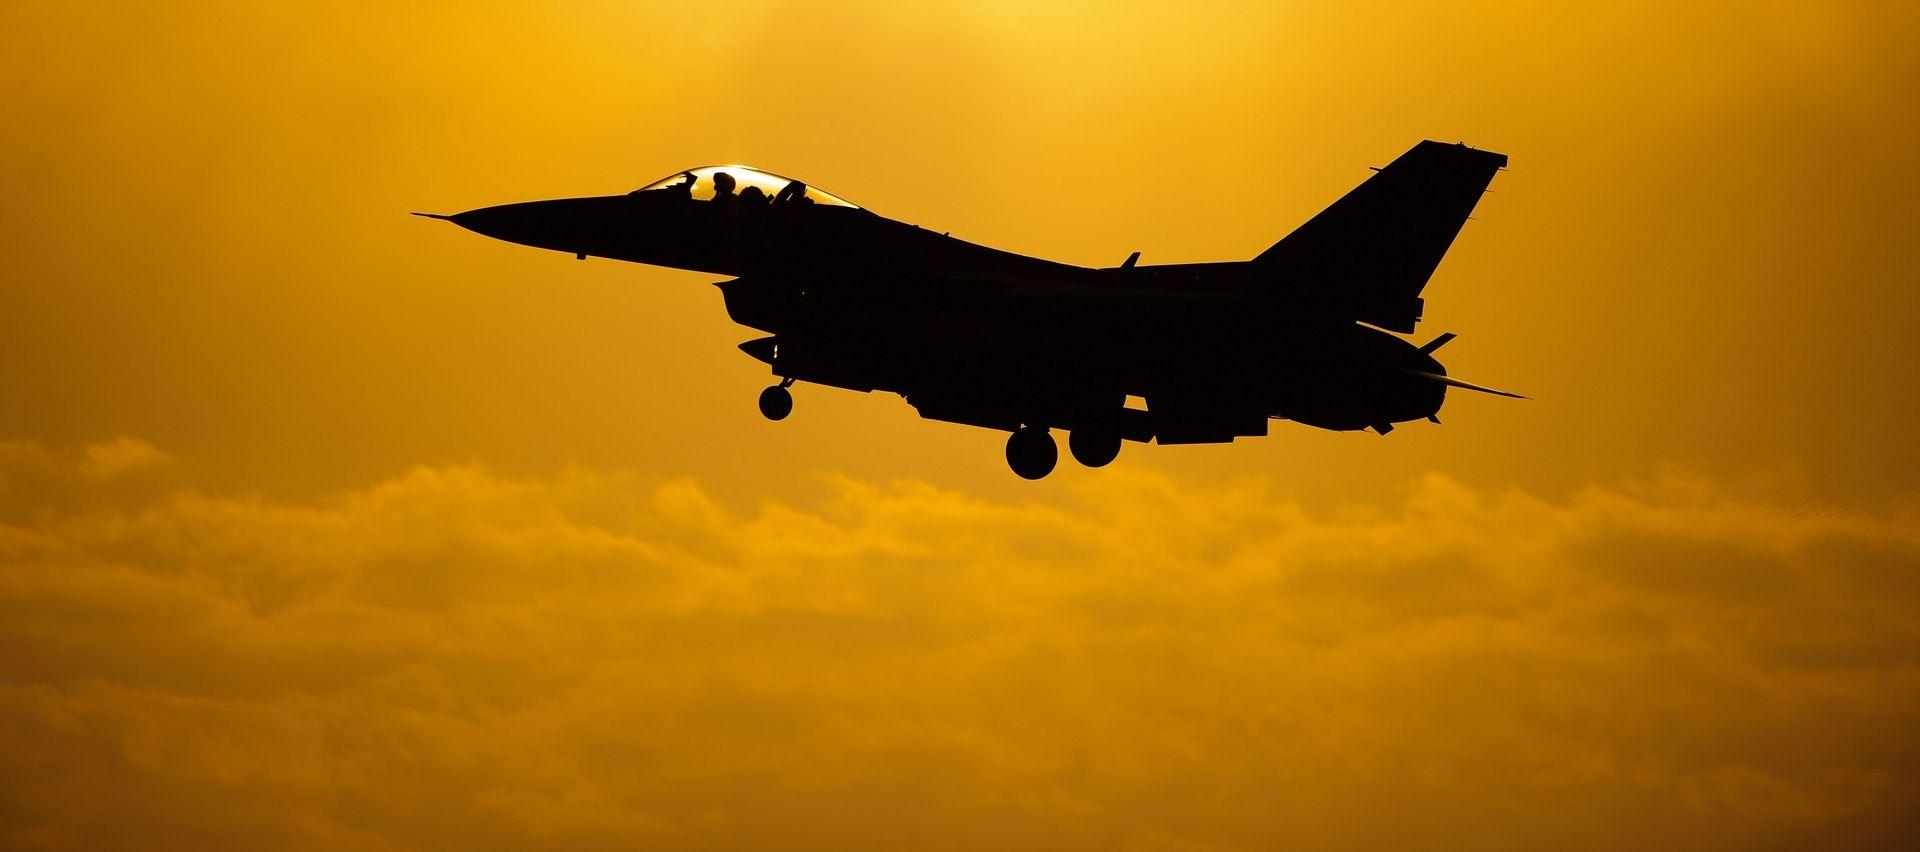 Hrvatska šalje upit Izraelu o sudbini vojnih zrakoplova